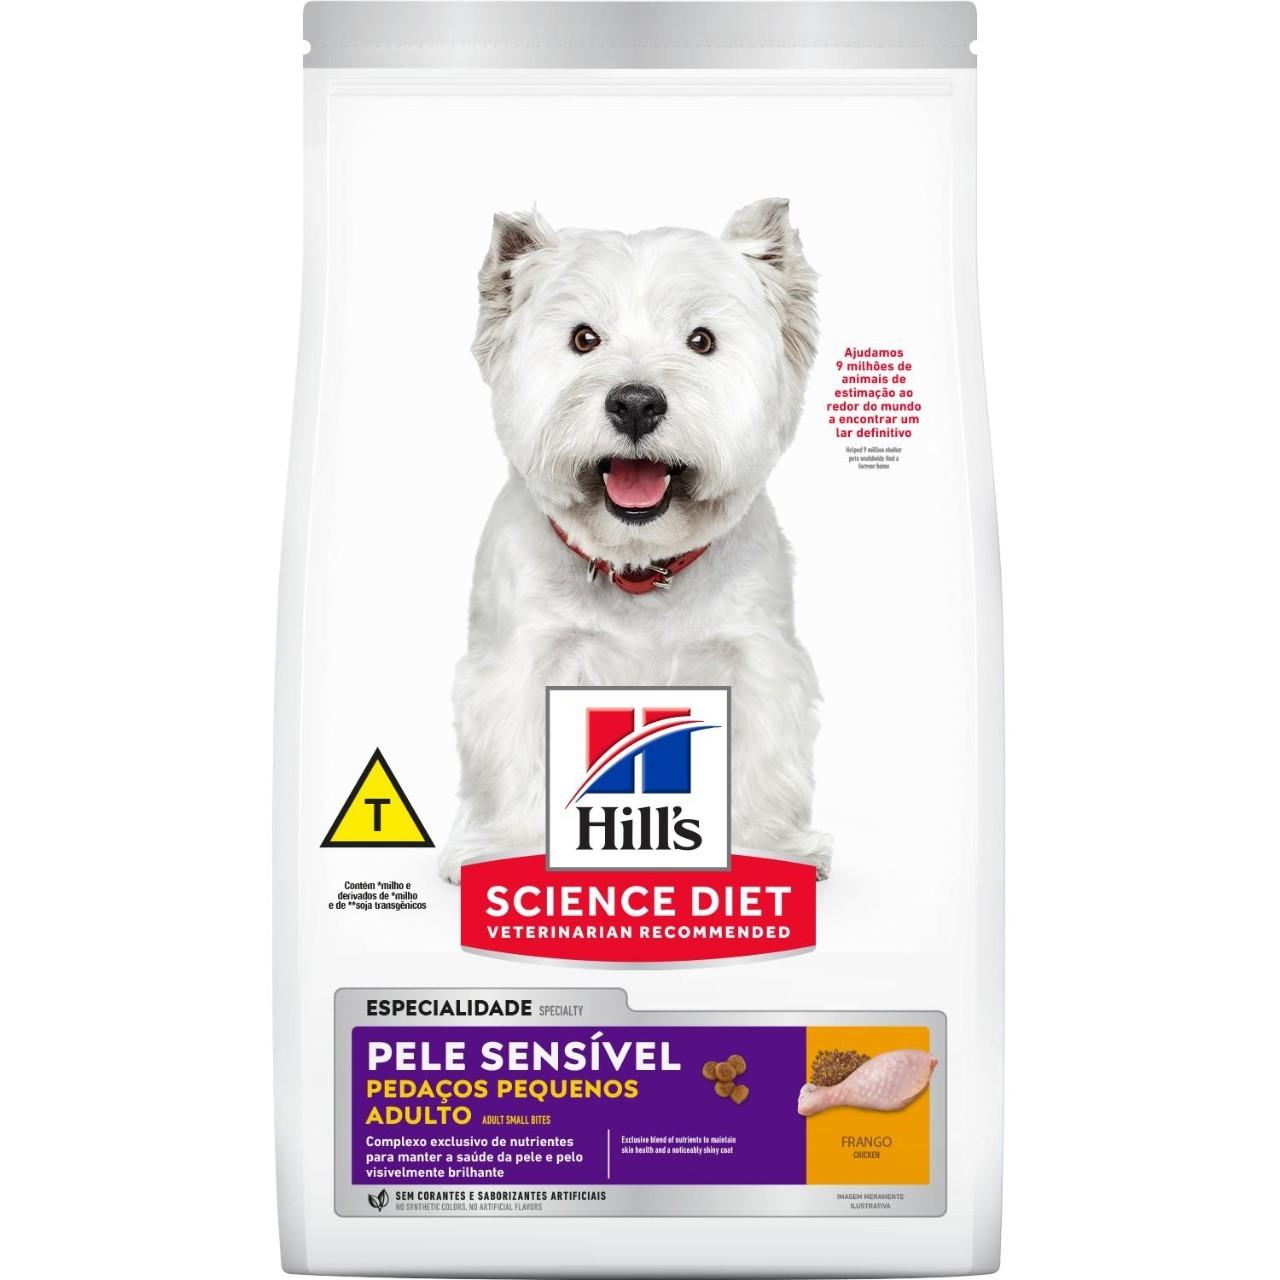 Ração Hills S/D Canino Ad. Pele Sensível Pedaços Pequenos